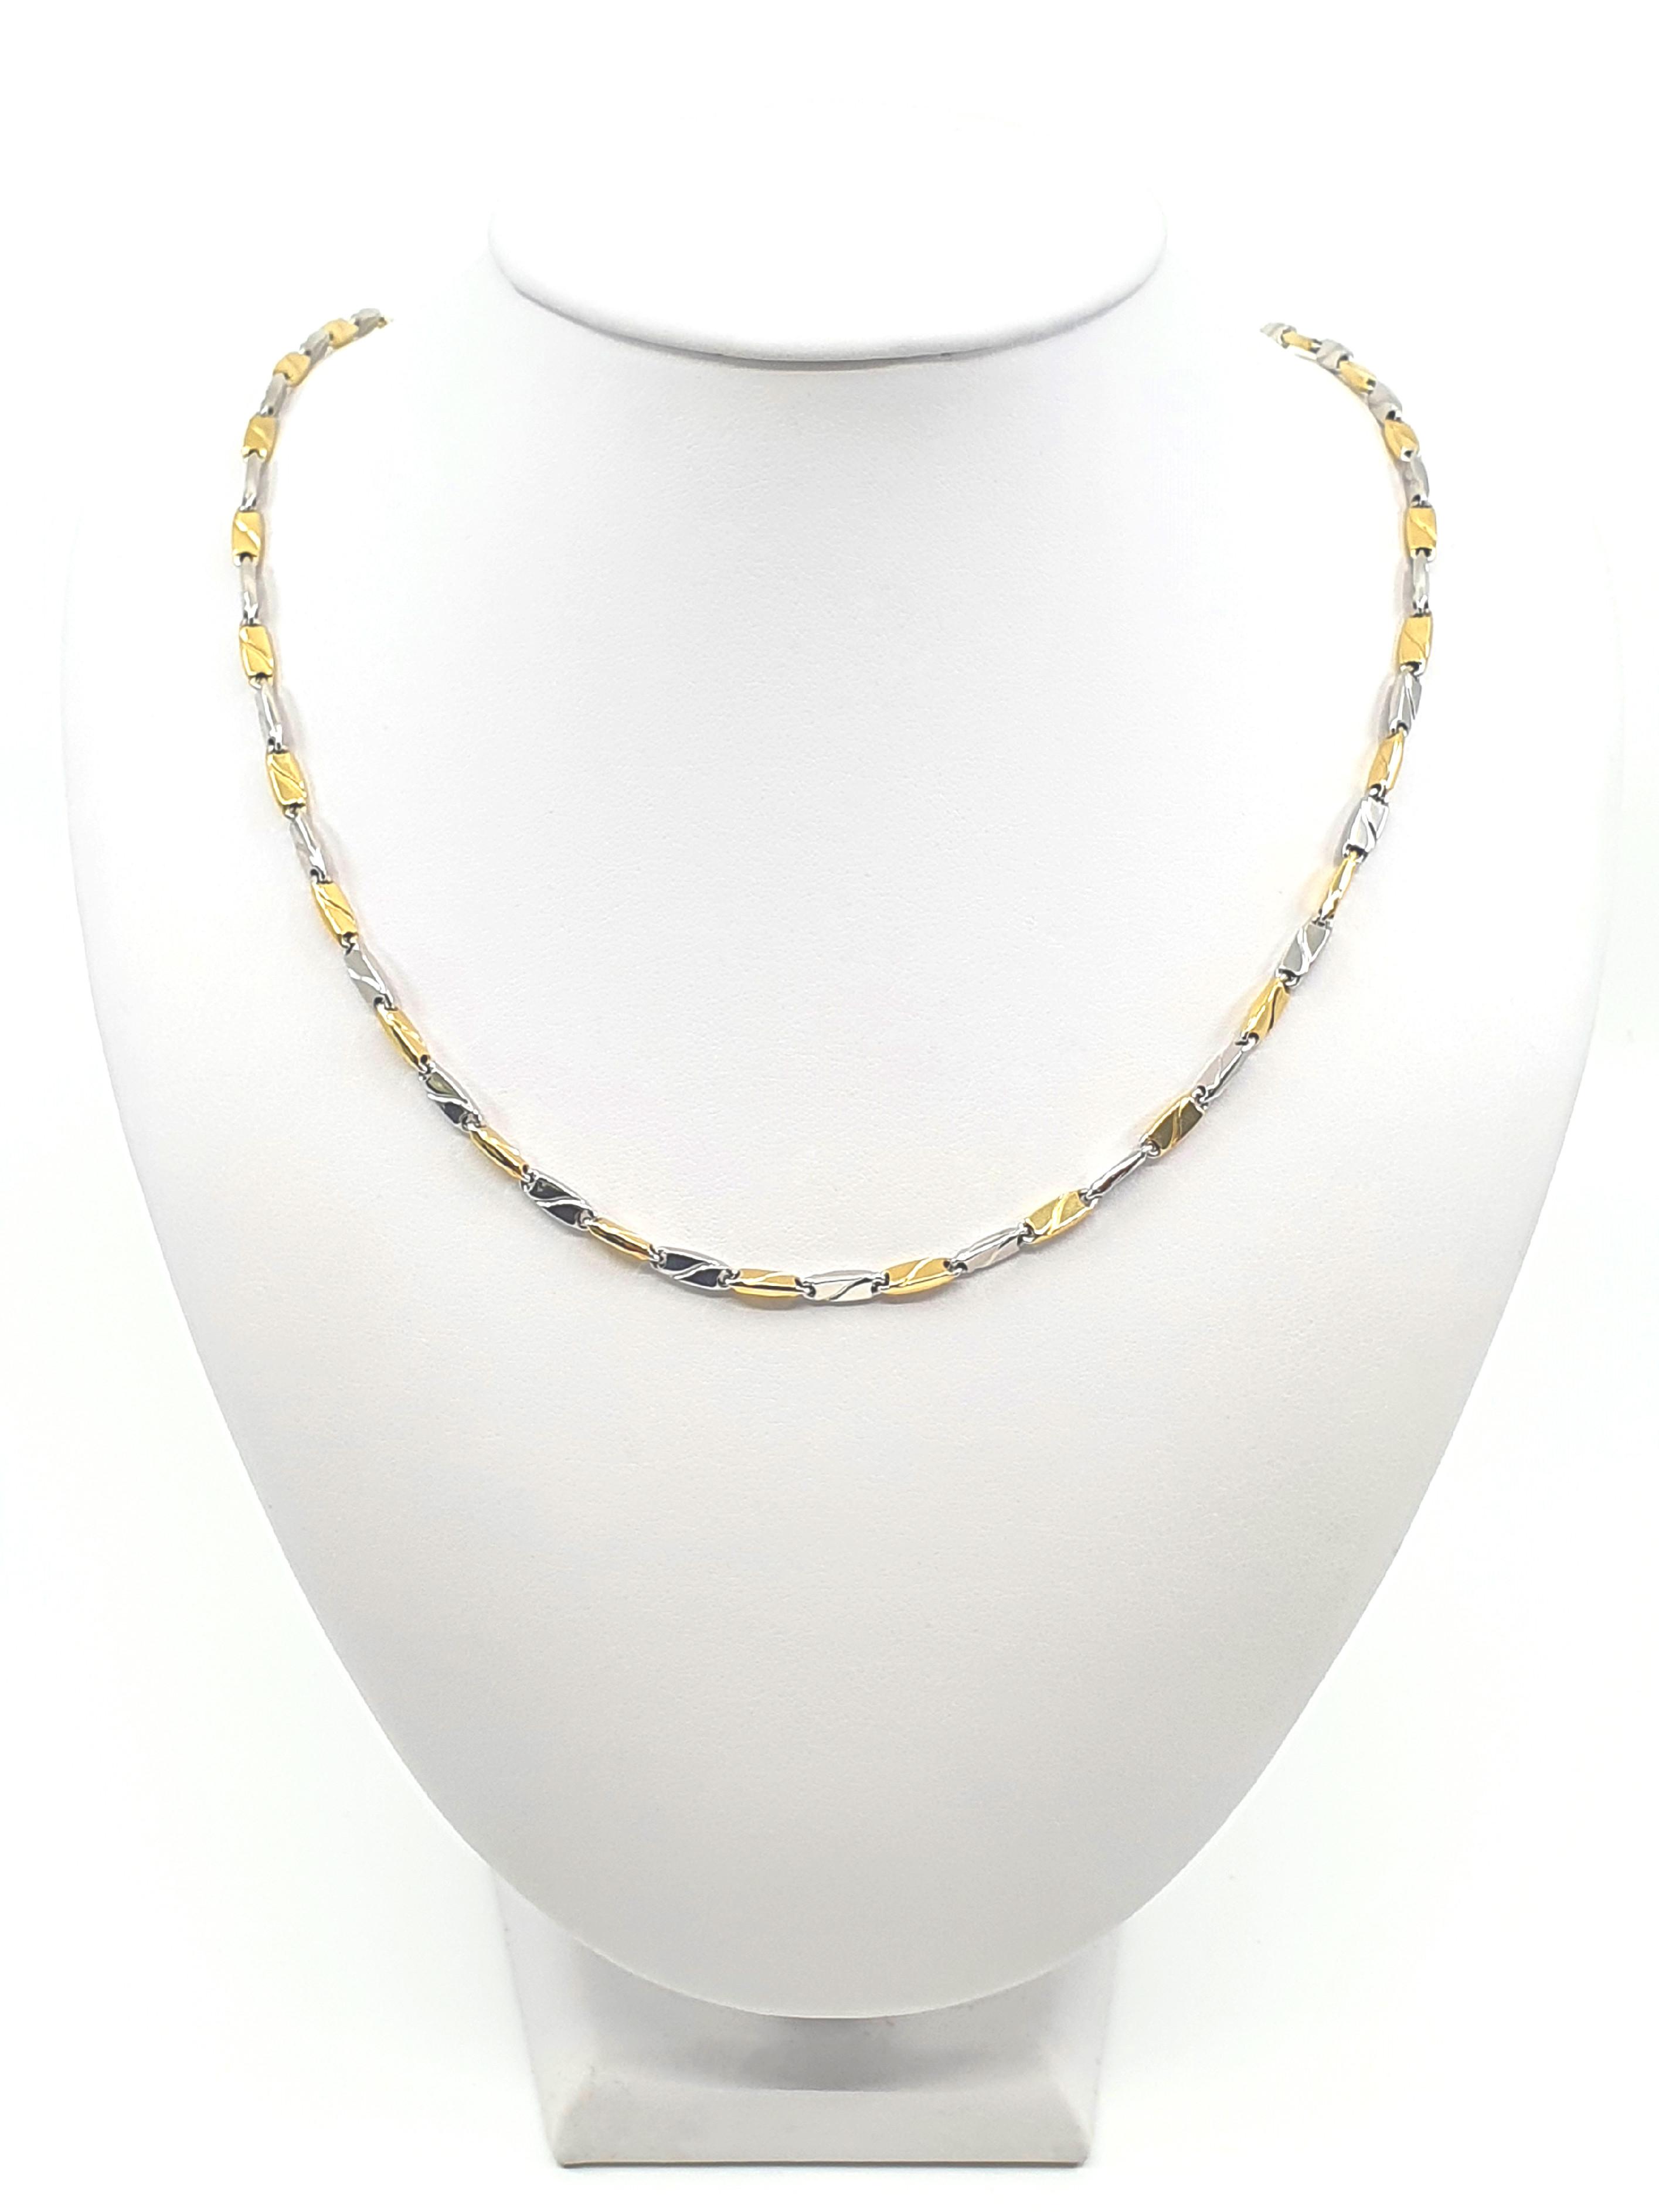 Řetízek, kombinované zlato Délka: 60 cm, Váha v g: 11,95, Ryzost: 585/1000